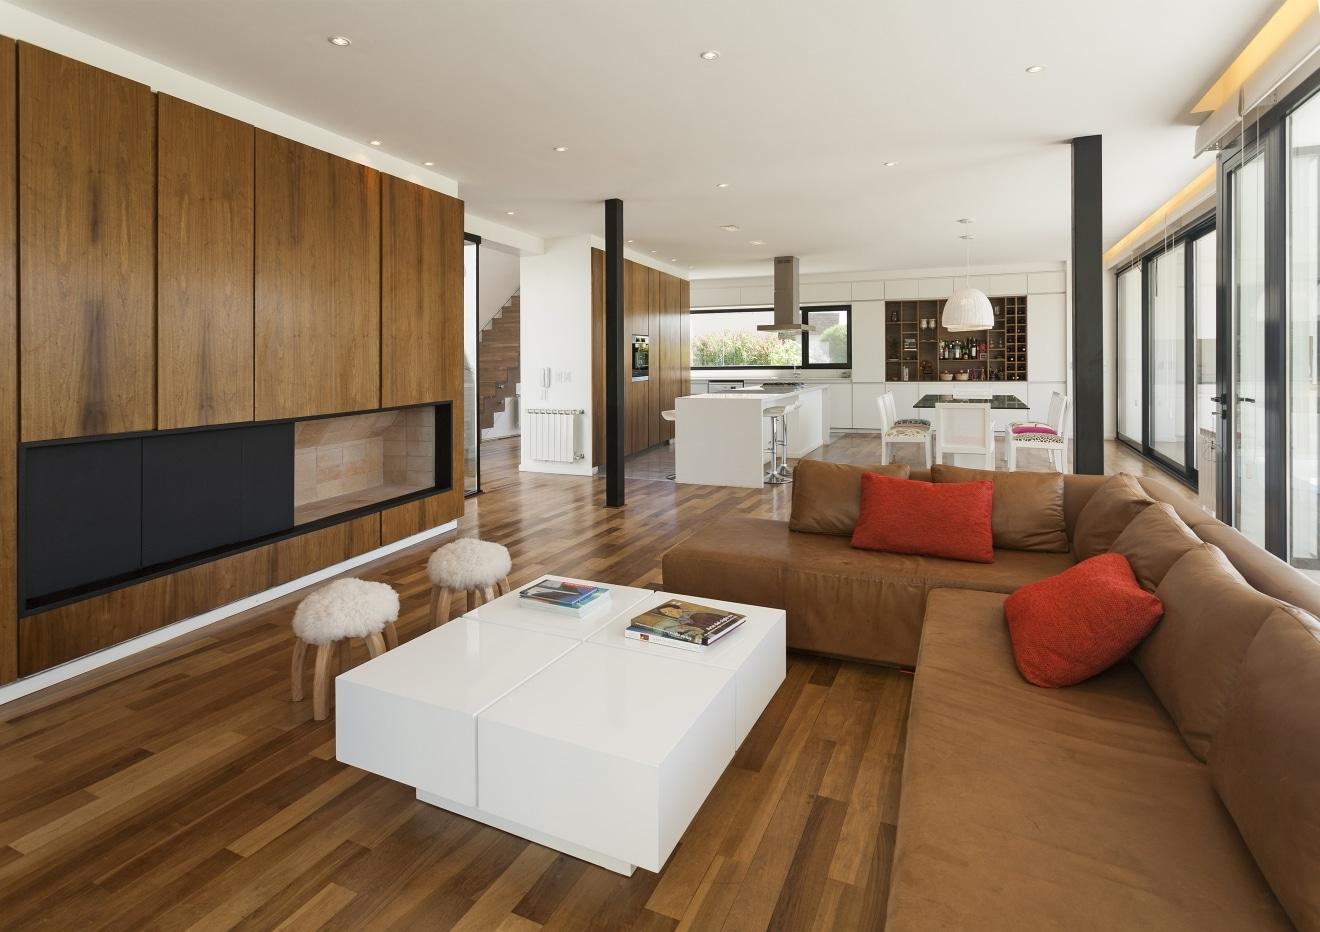 Dise o de sala comedor y cocina modernos con paredes de for Comedor y cocina modernos